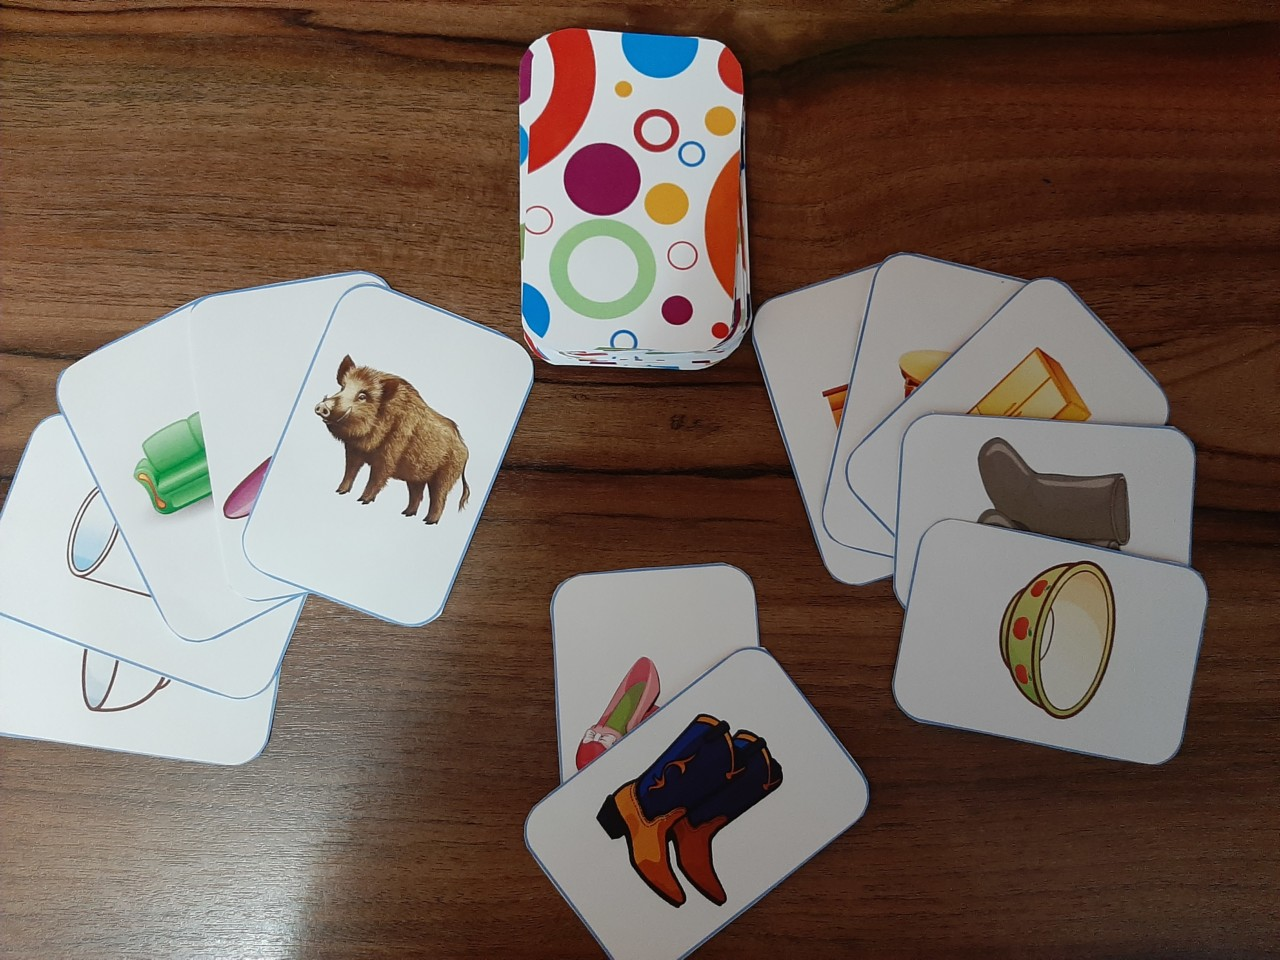 Использование предметных карточек в коррекционно-развивающей работе